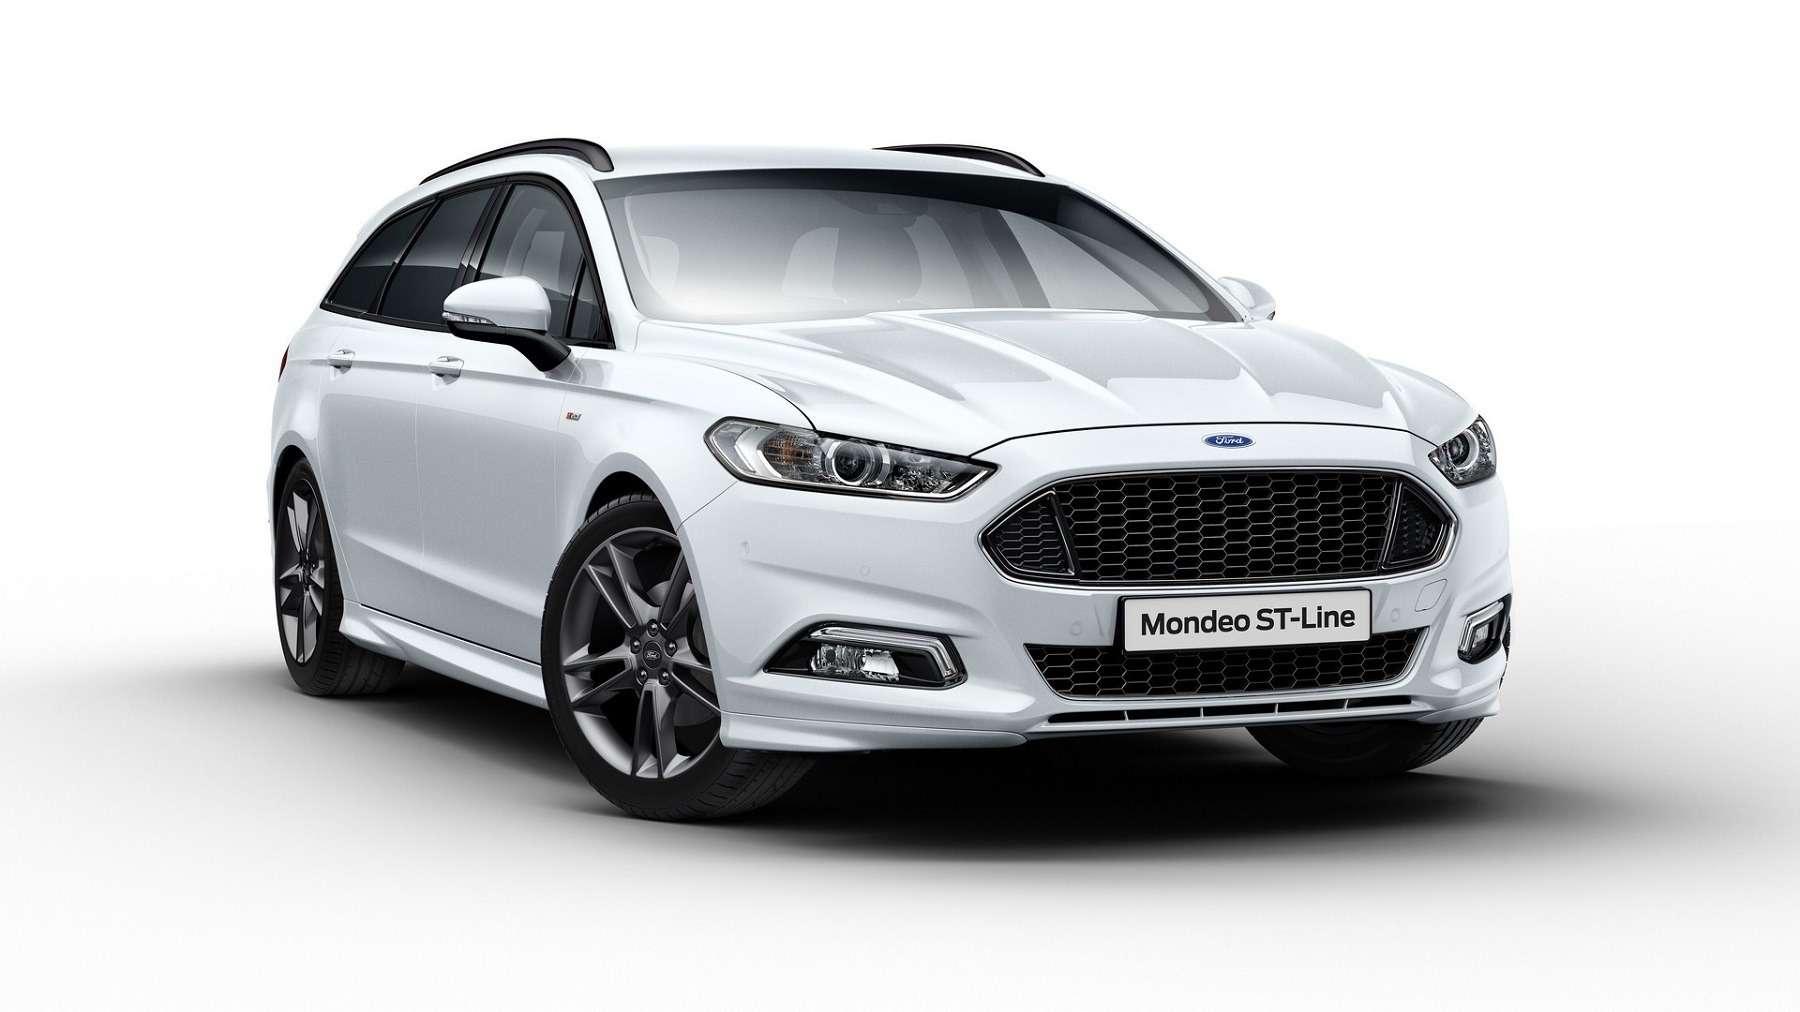 Недоспорт или разумная достаточность: Ford представил Mondeo ST-Line— фото 601652